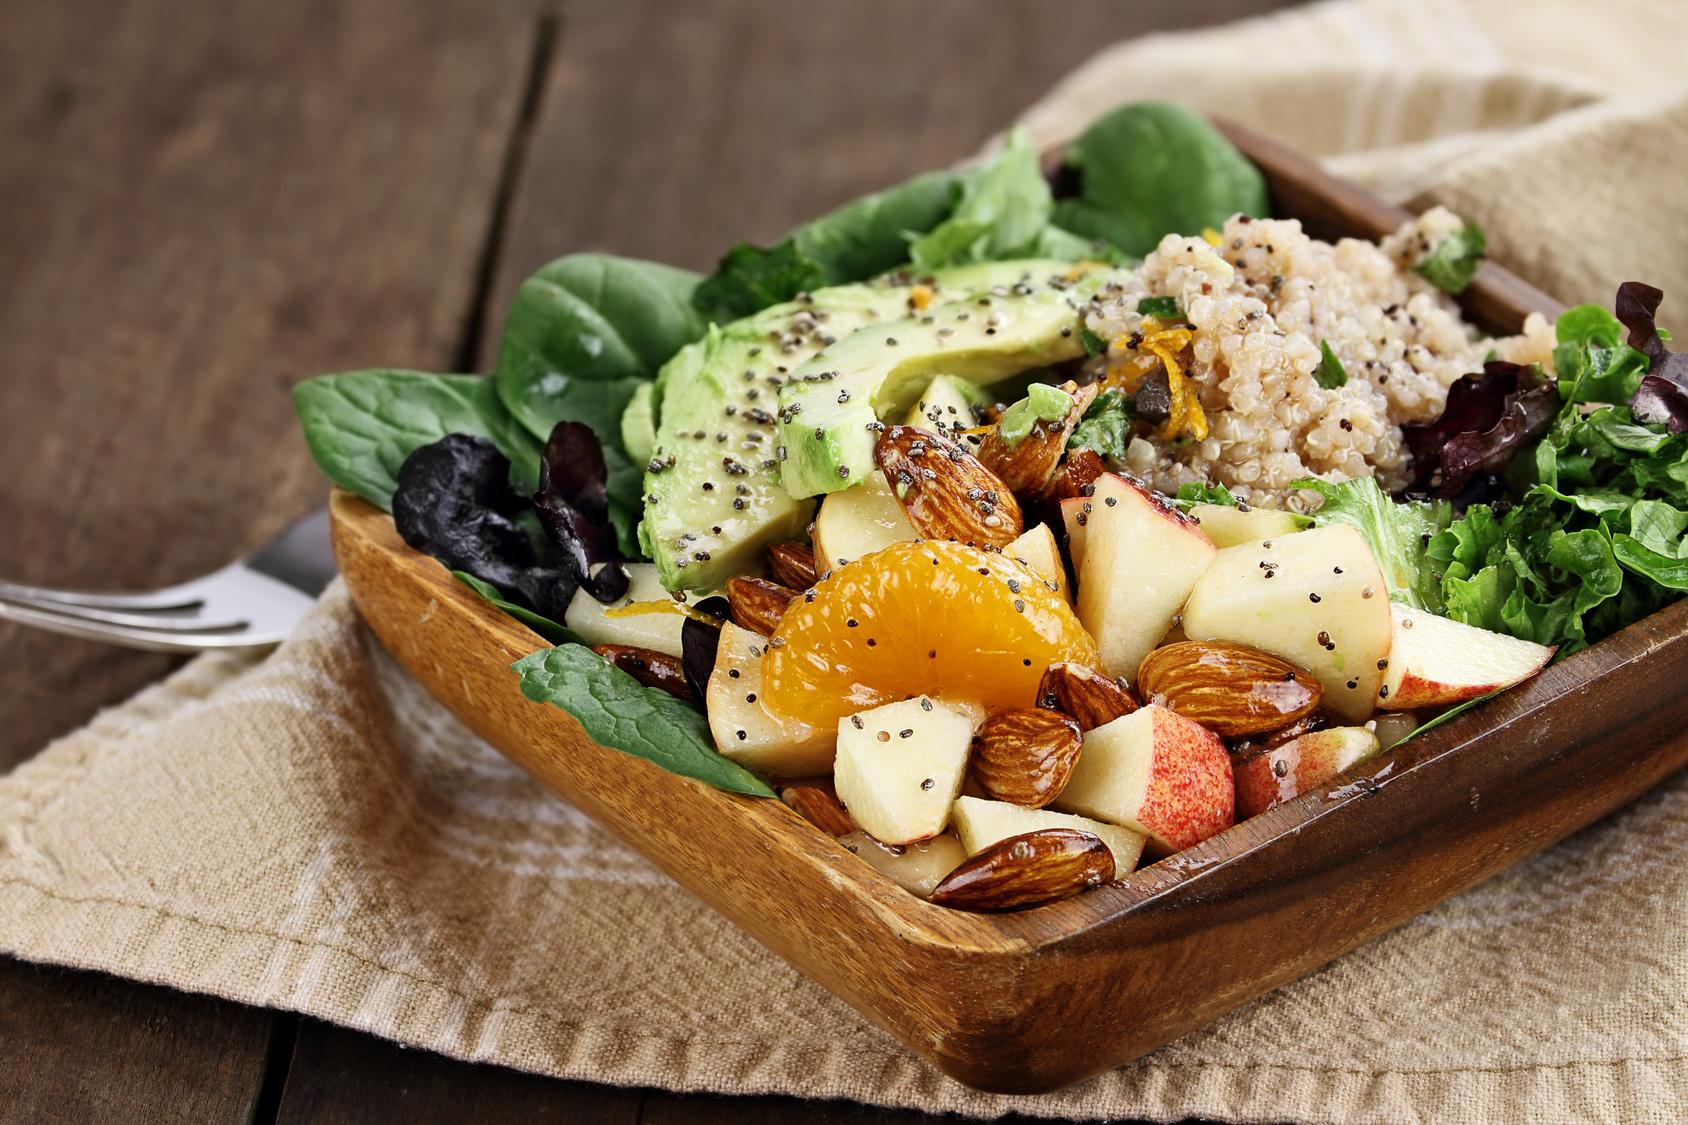 Insalate con frutta secca e semi, fantasia e salute a tavola